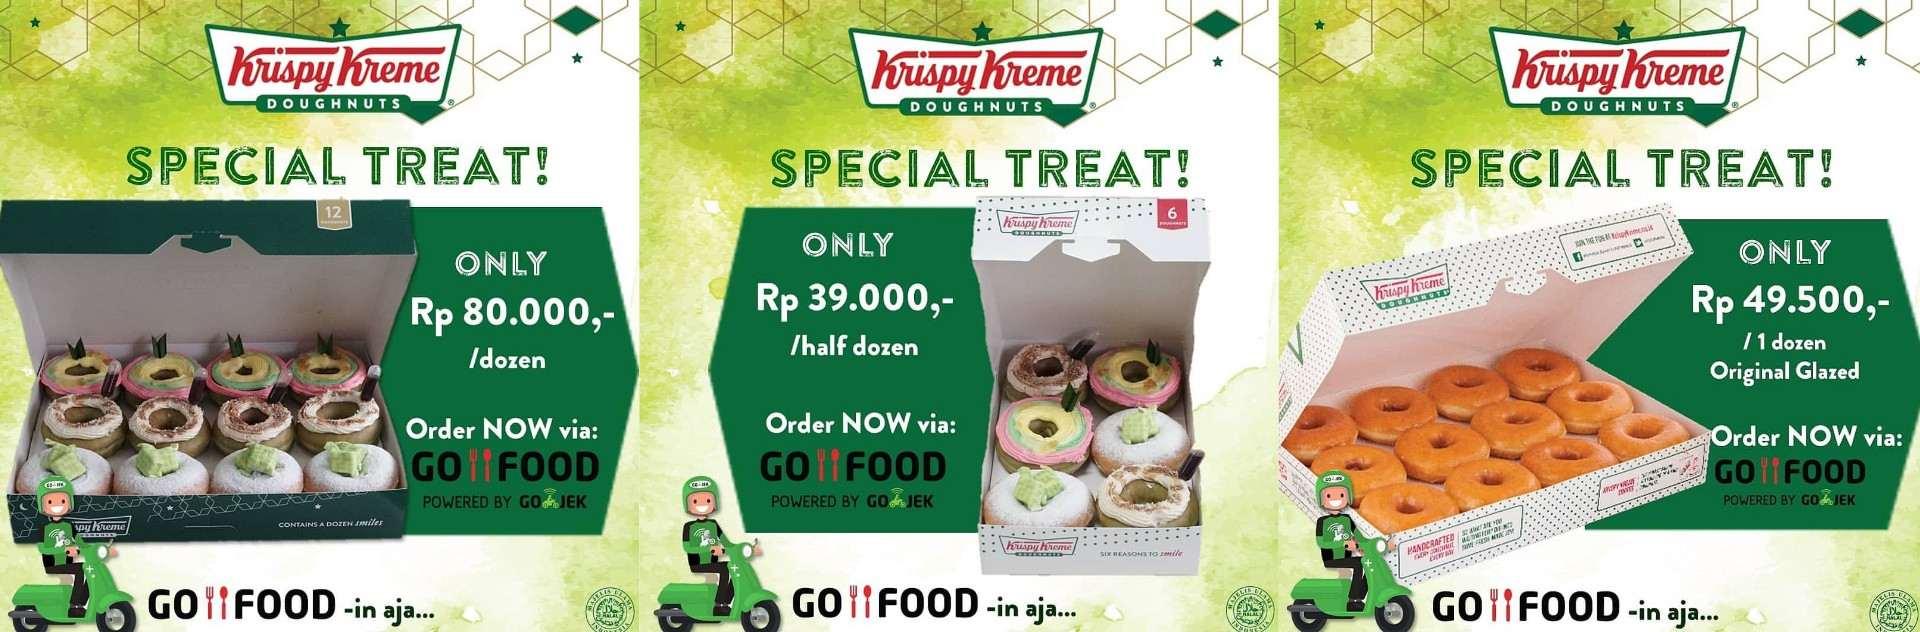 KRISPY KREME Promo Harga Spesial khusus untuk pemesanan via GOFOOD